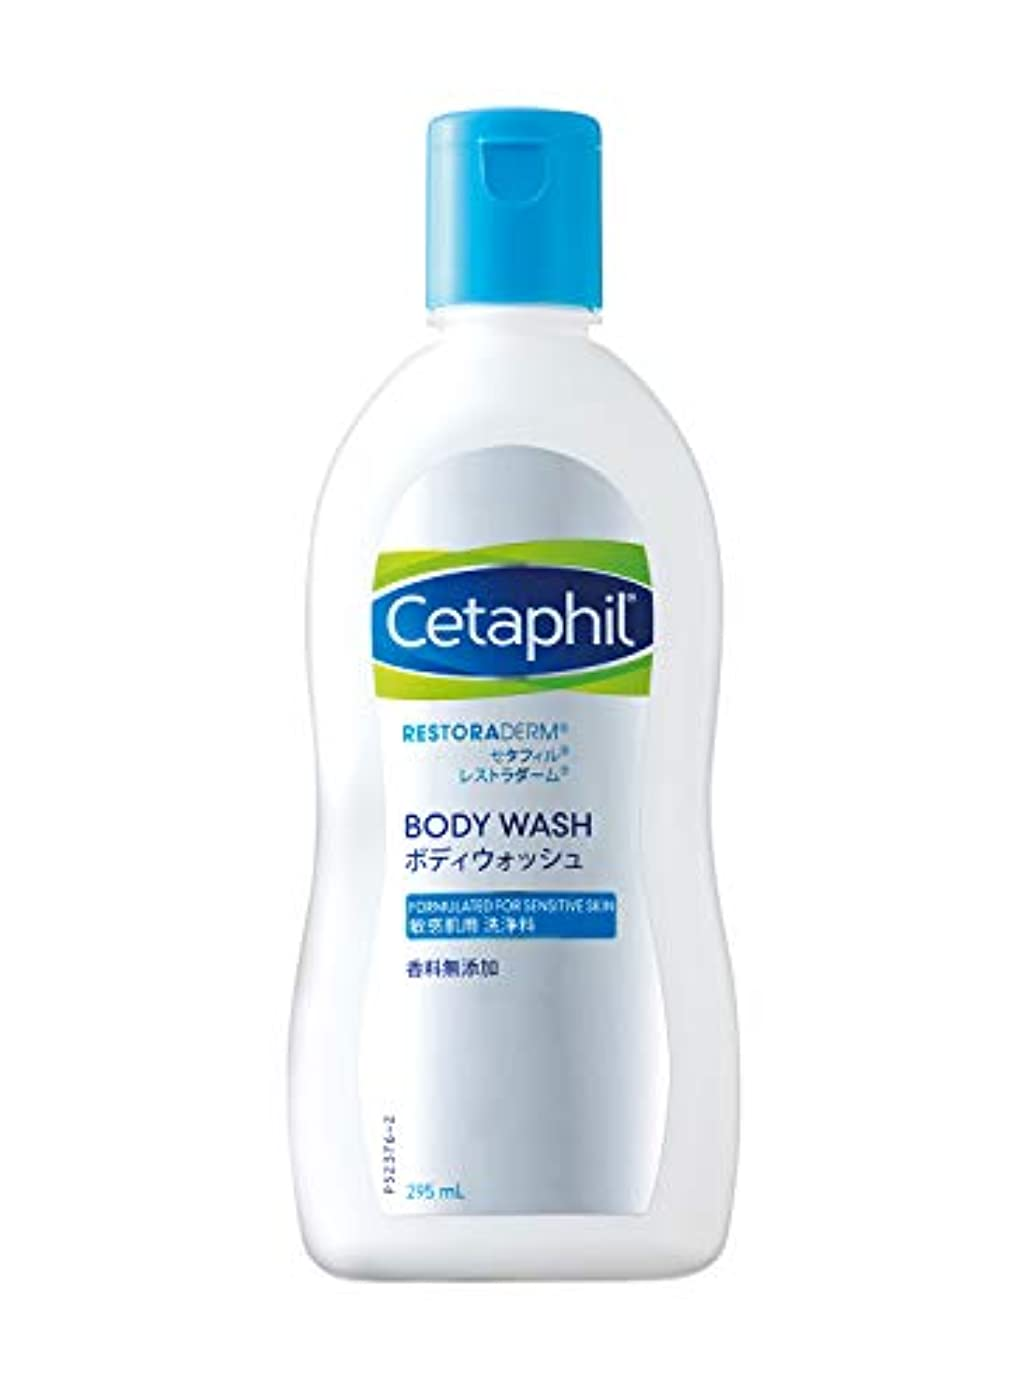 不倫洗うモックセタフィル Cetaphil ® レストラダーム ボディウォッシュ 295ml (敏感肌用洗浄料 ボディソープ 乾燥肌 敏感肌 低刺激性 洗浄料)